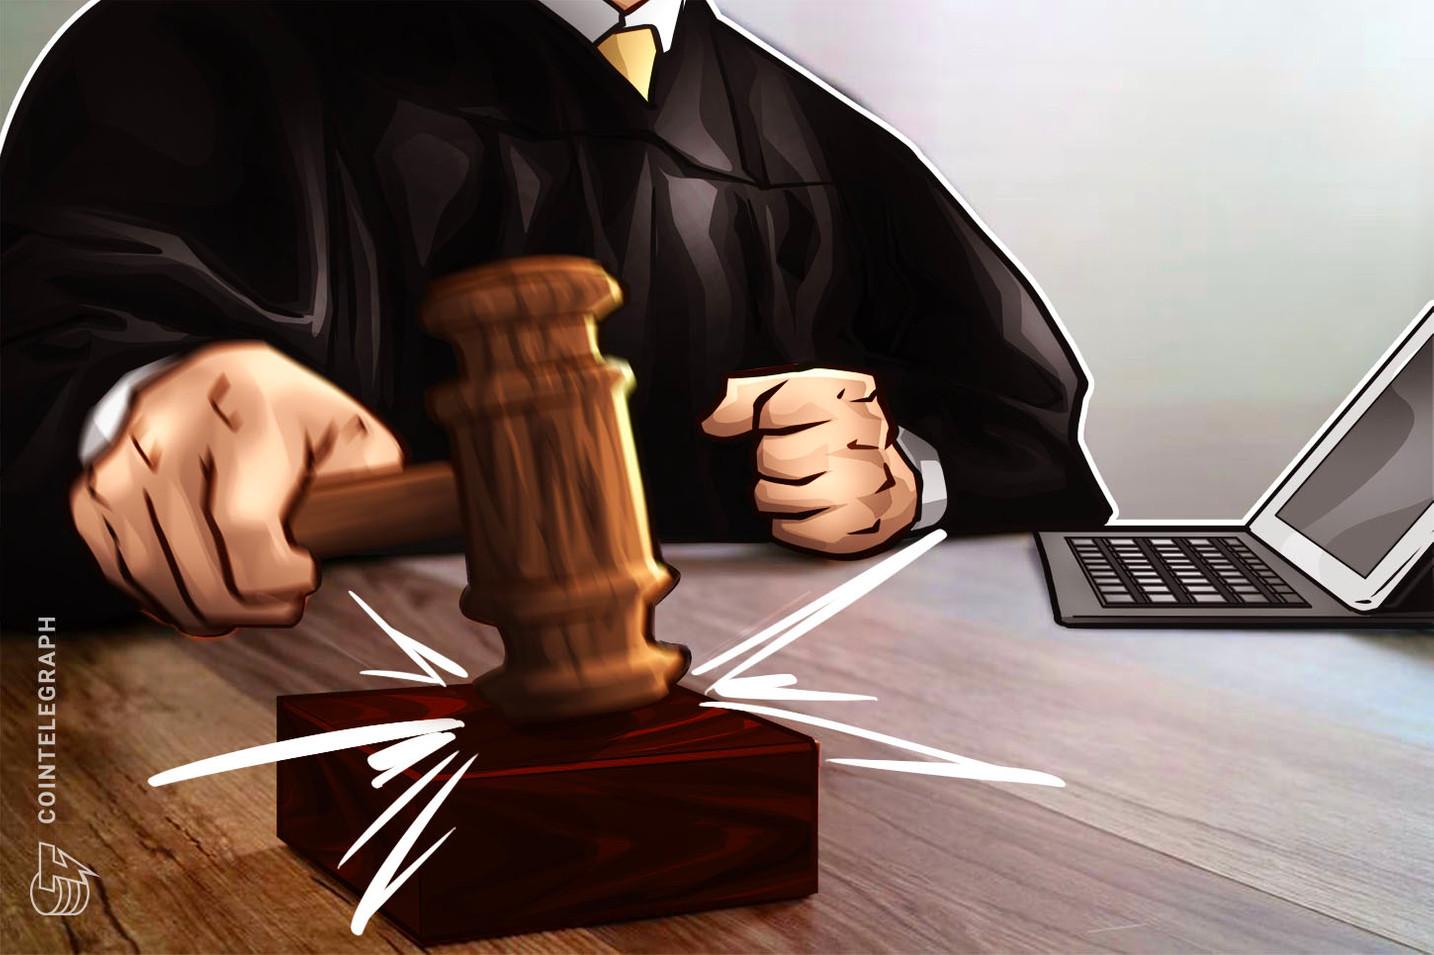 Una corte de los EE.UU. ordena a un traficante de drogas de la Dark Web a que pague USD 150,000 en Bitcoin